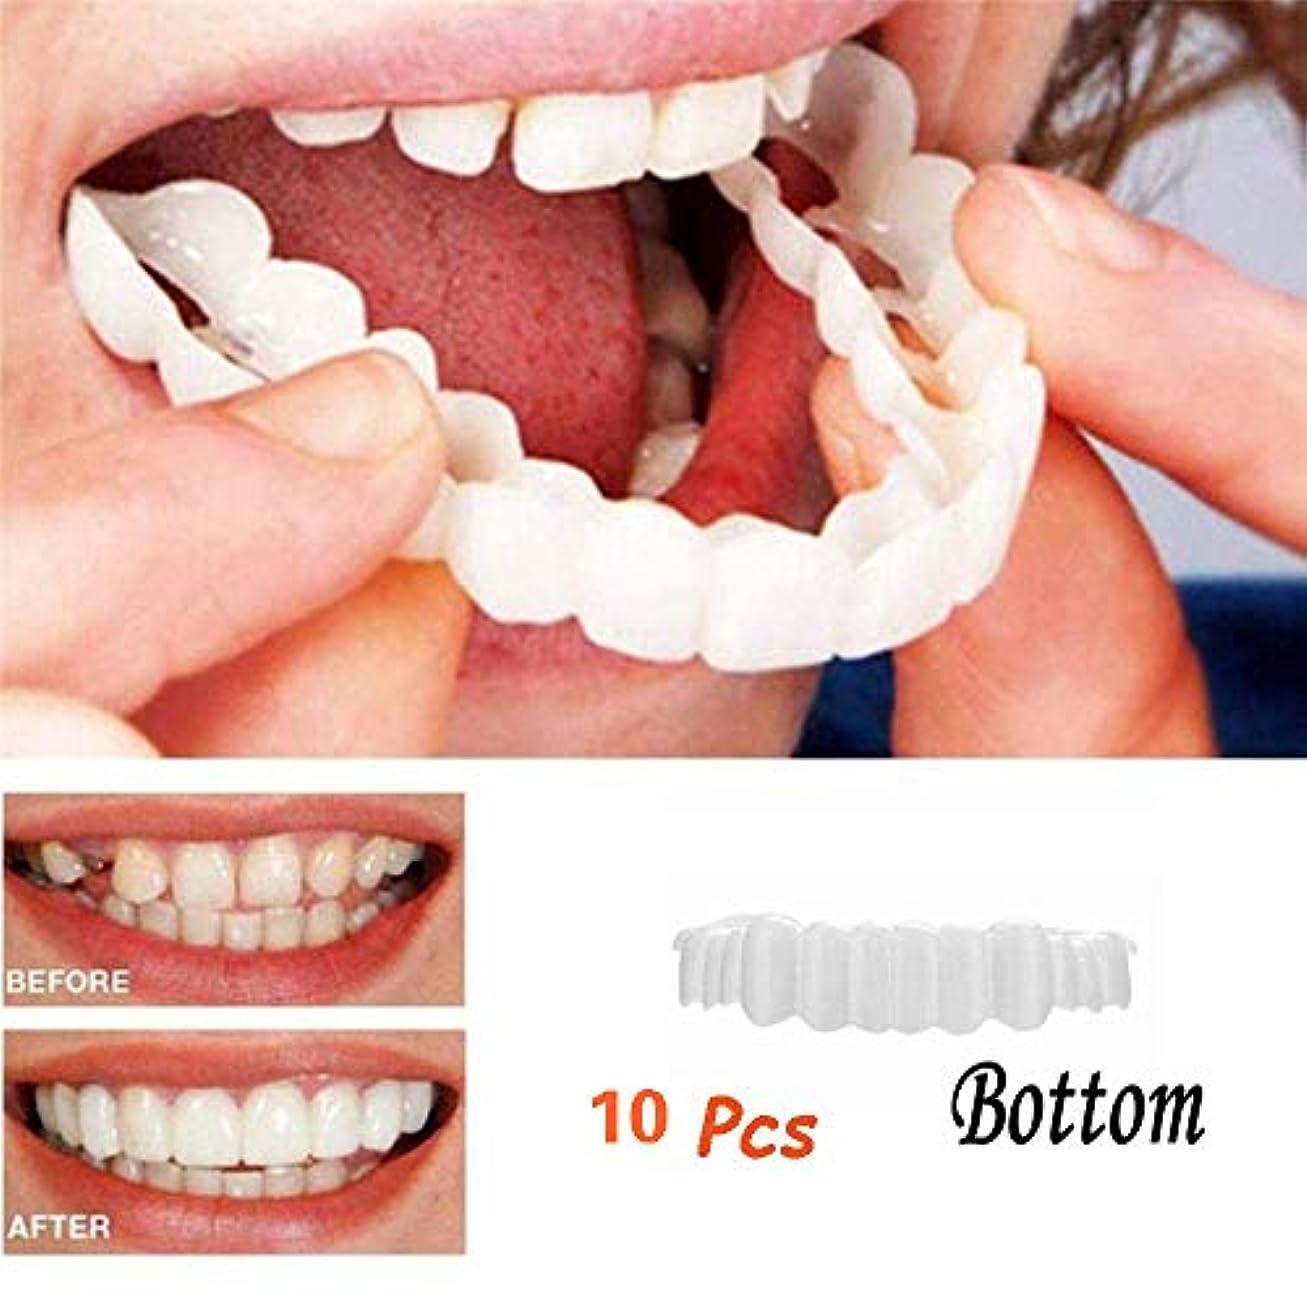 彼女は時期尚早ガウン10ピース化粧品歯化粧品歯科スナップインスタントパーフェクトスマイルコンフォートフィットフレックス歯白い歯カバーフィットほとんどの偽底歯